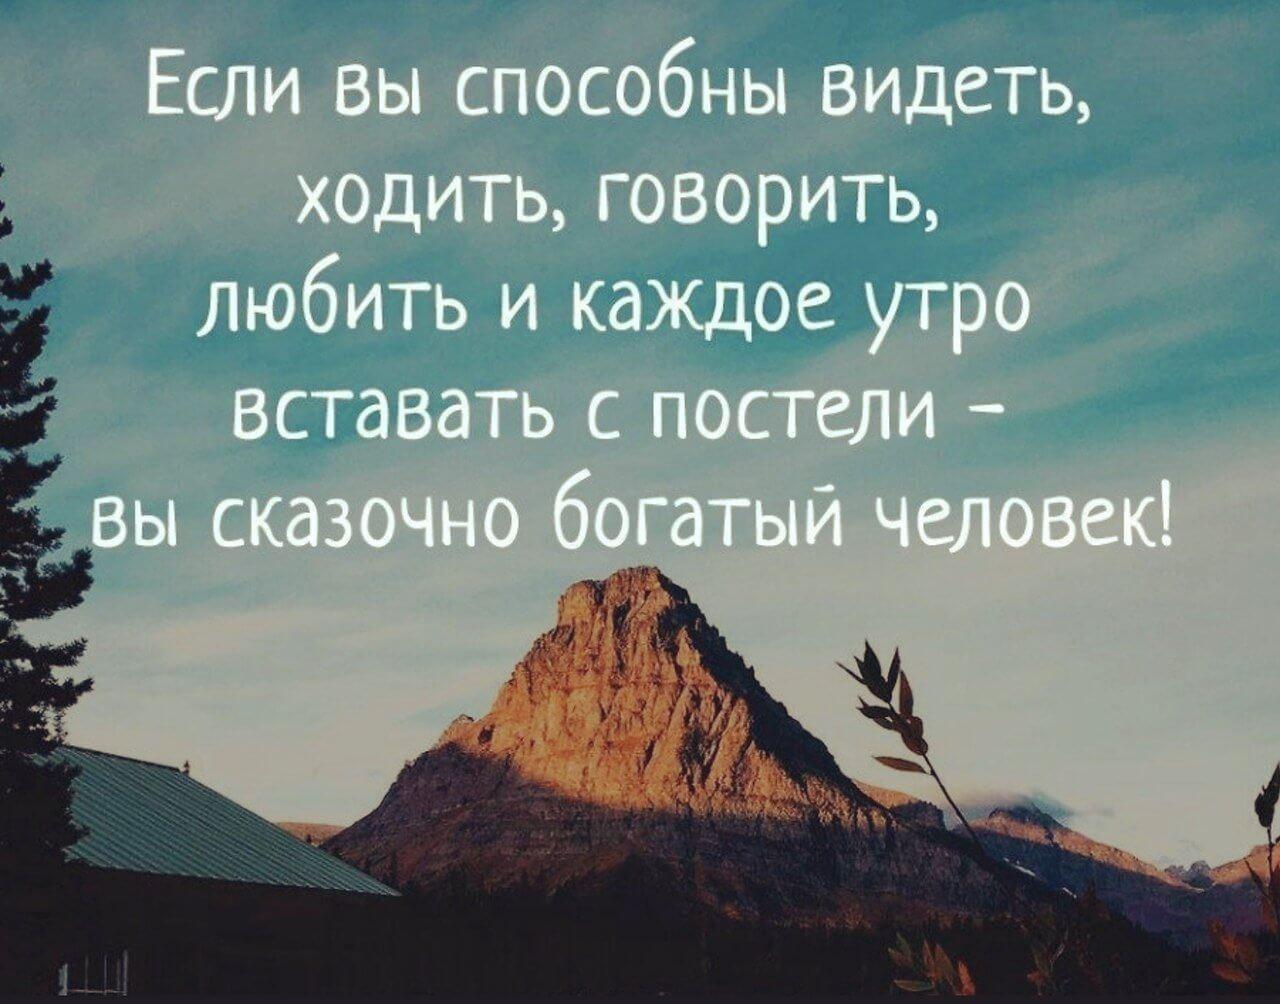 Если вы способны видеть, ходить, говорить, любить и каждое утро вставать с постели - вы сказочно богатый человек.